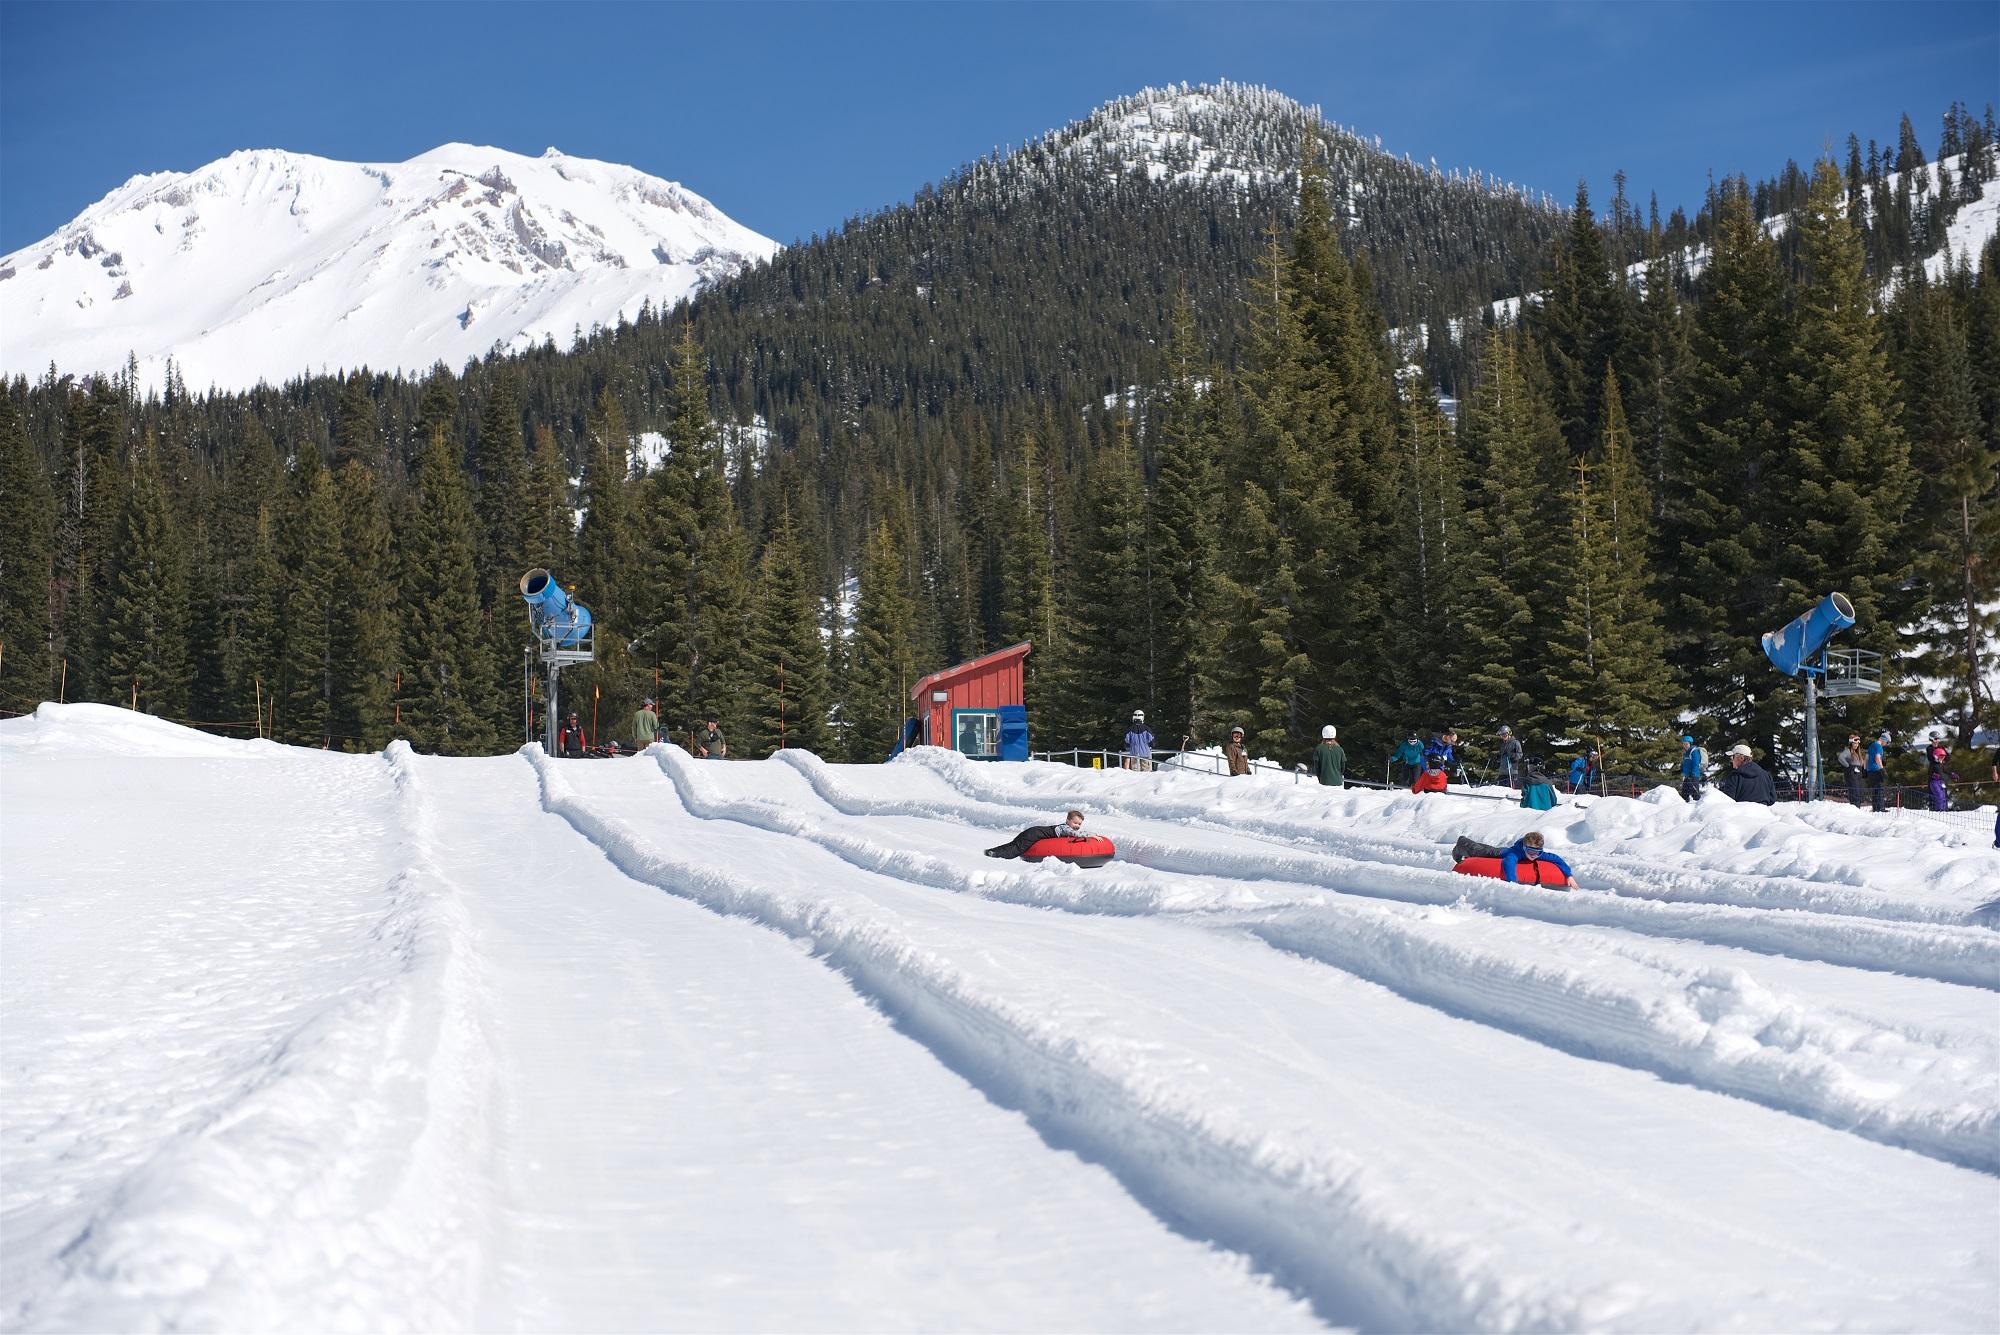 Tubing at Mt. Shasta Ski Park